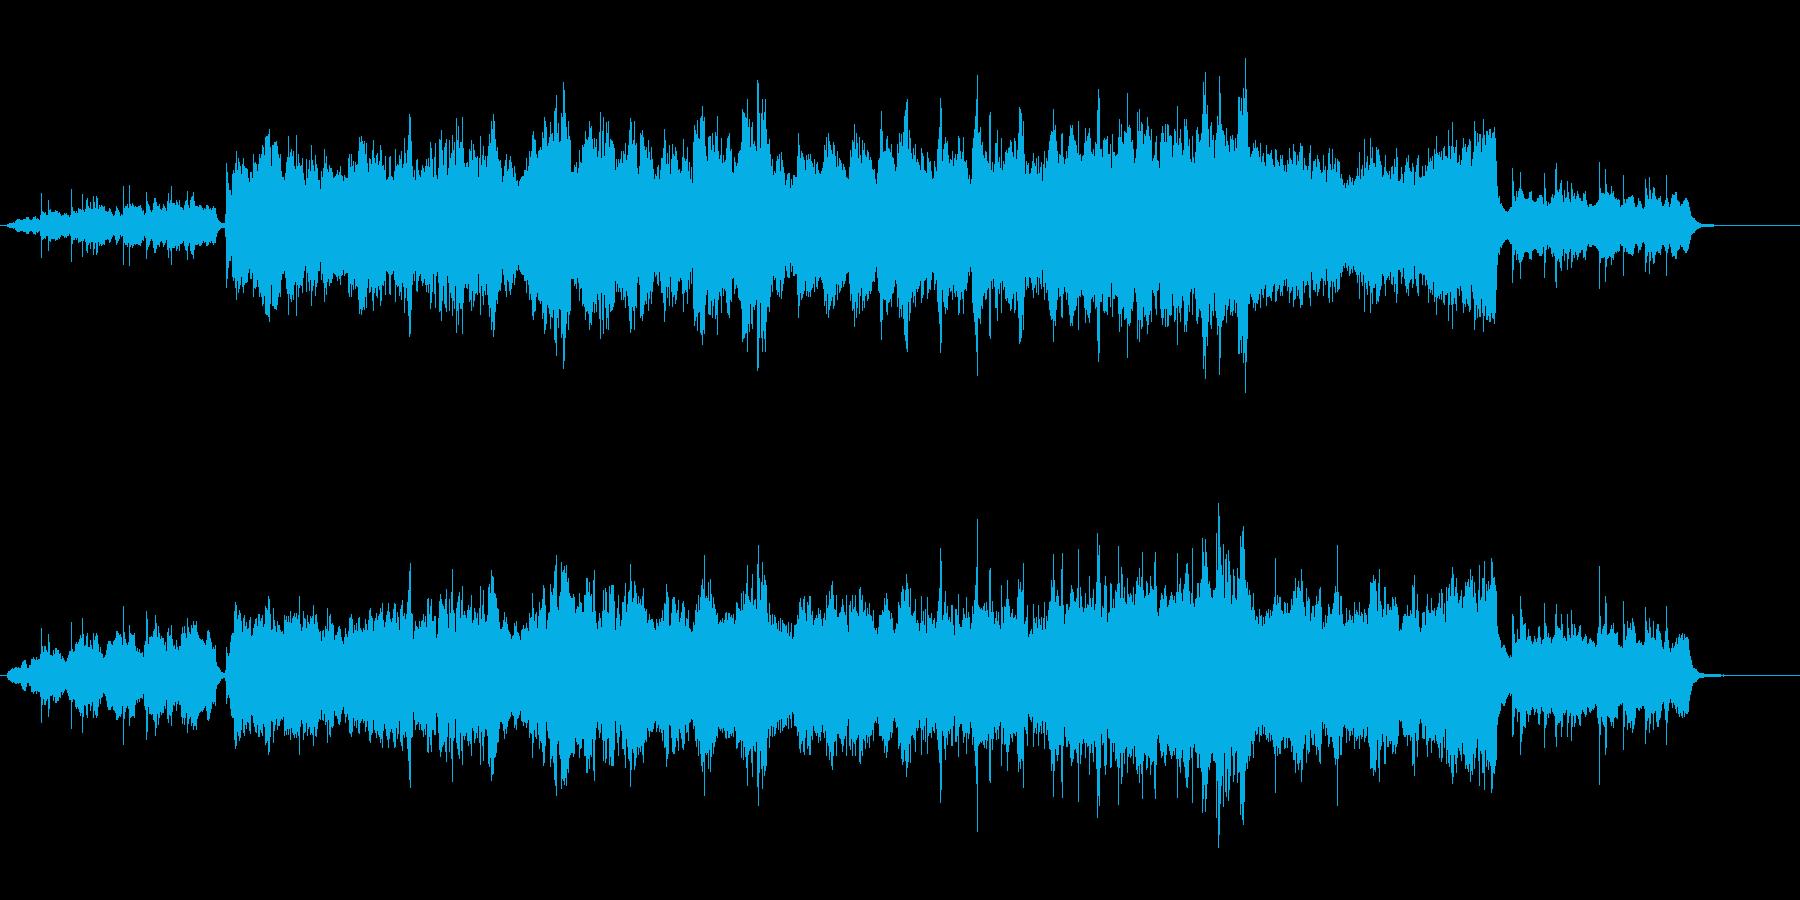 幻想的なクラシカル曲/バイオリン生演奏の再生済みの波形